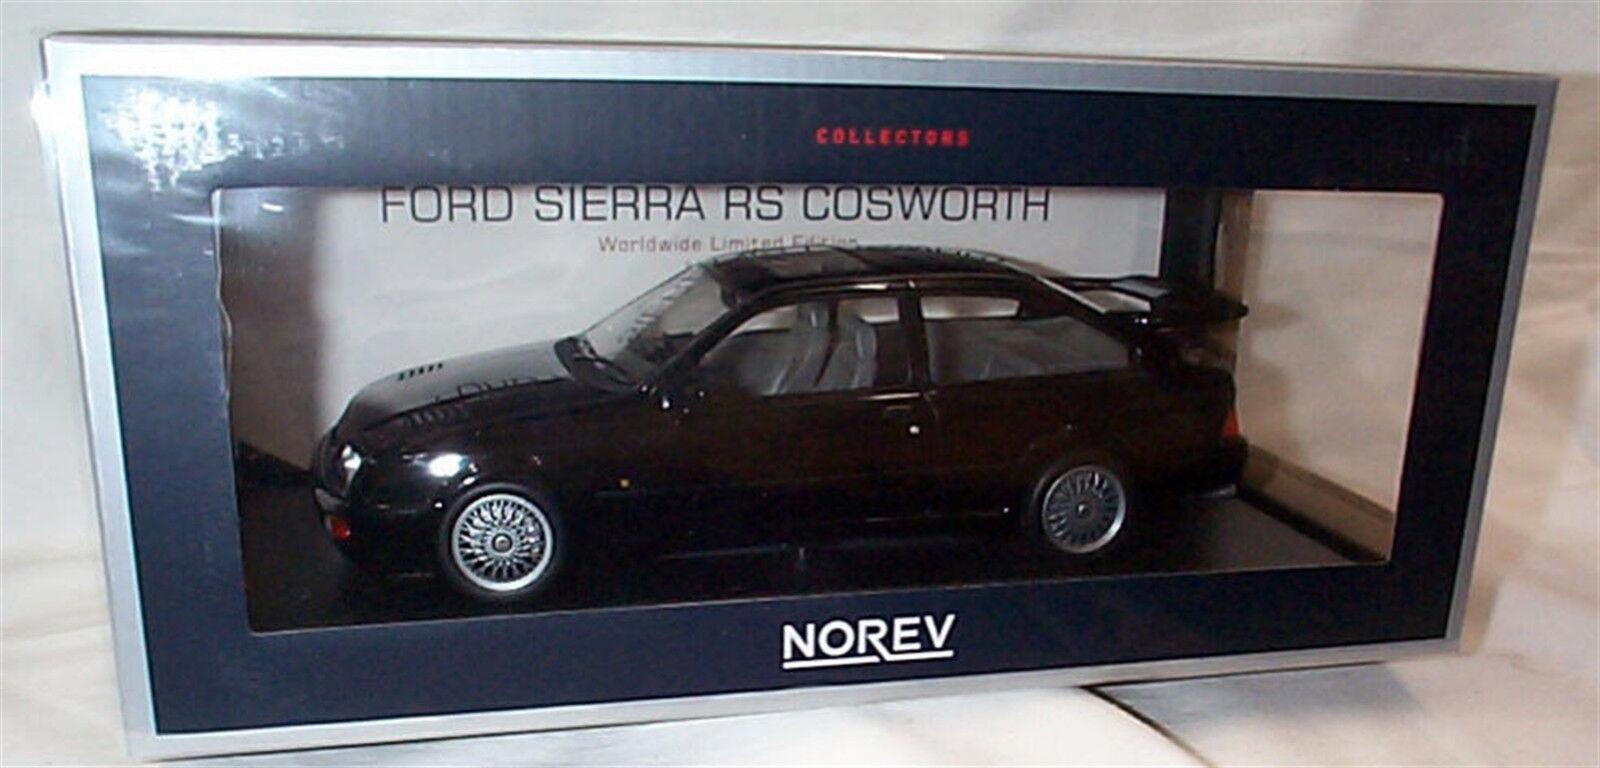 Ford Sierra Rs Cosworth 1986 Diecast coche de Carretera nero Ltd Ed 1 18 Norev 182775